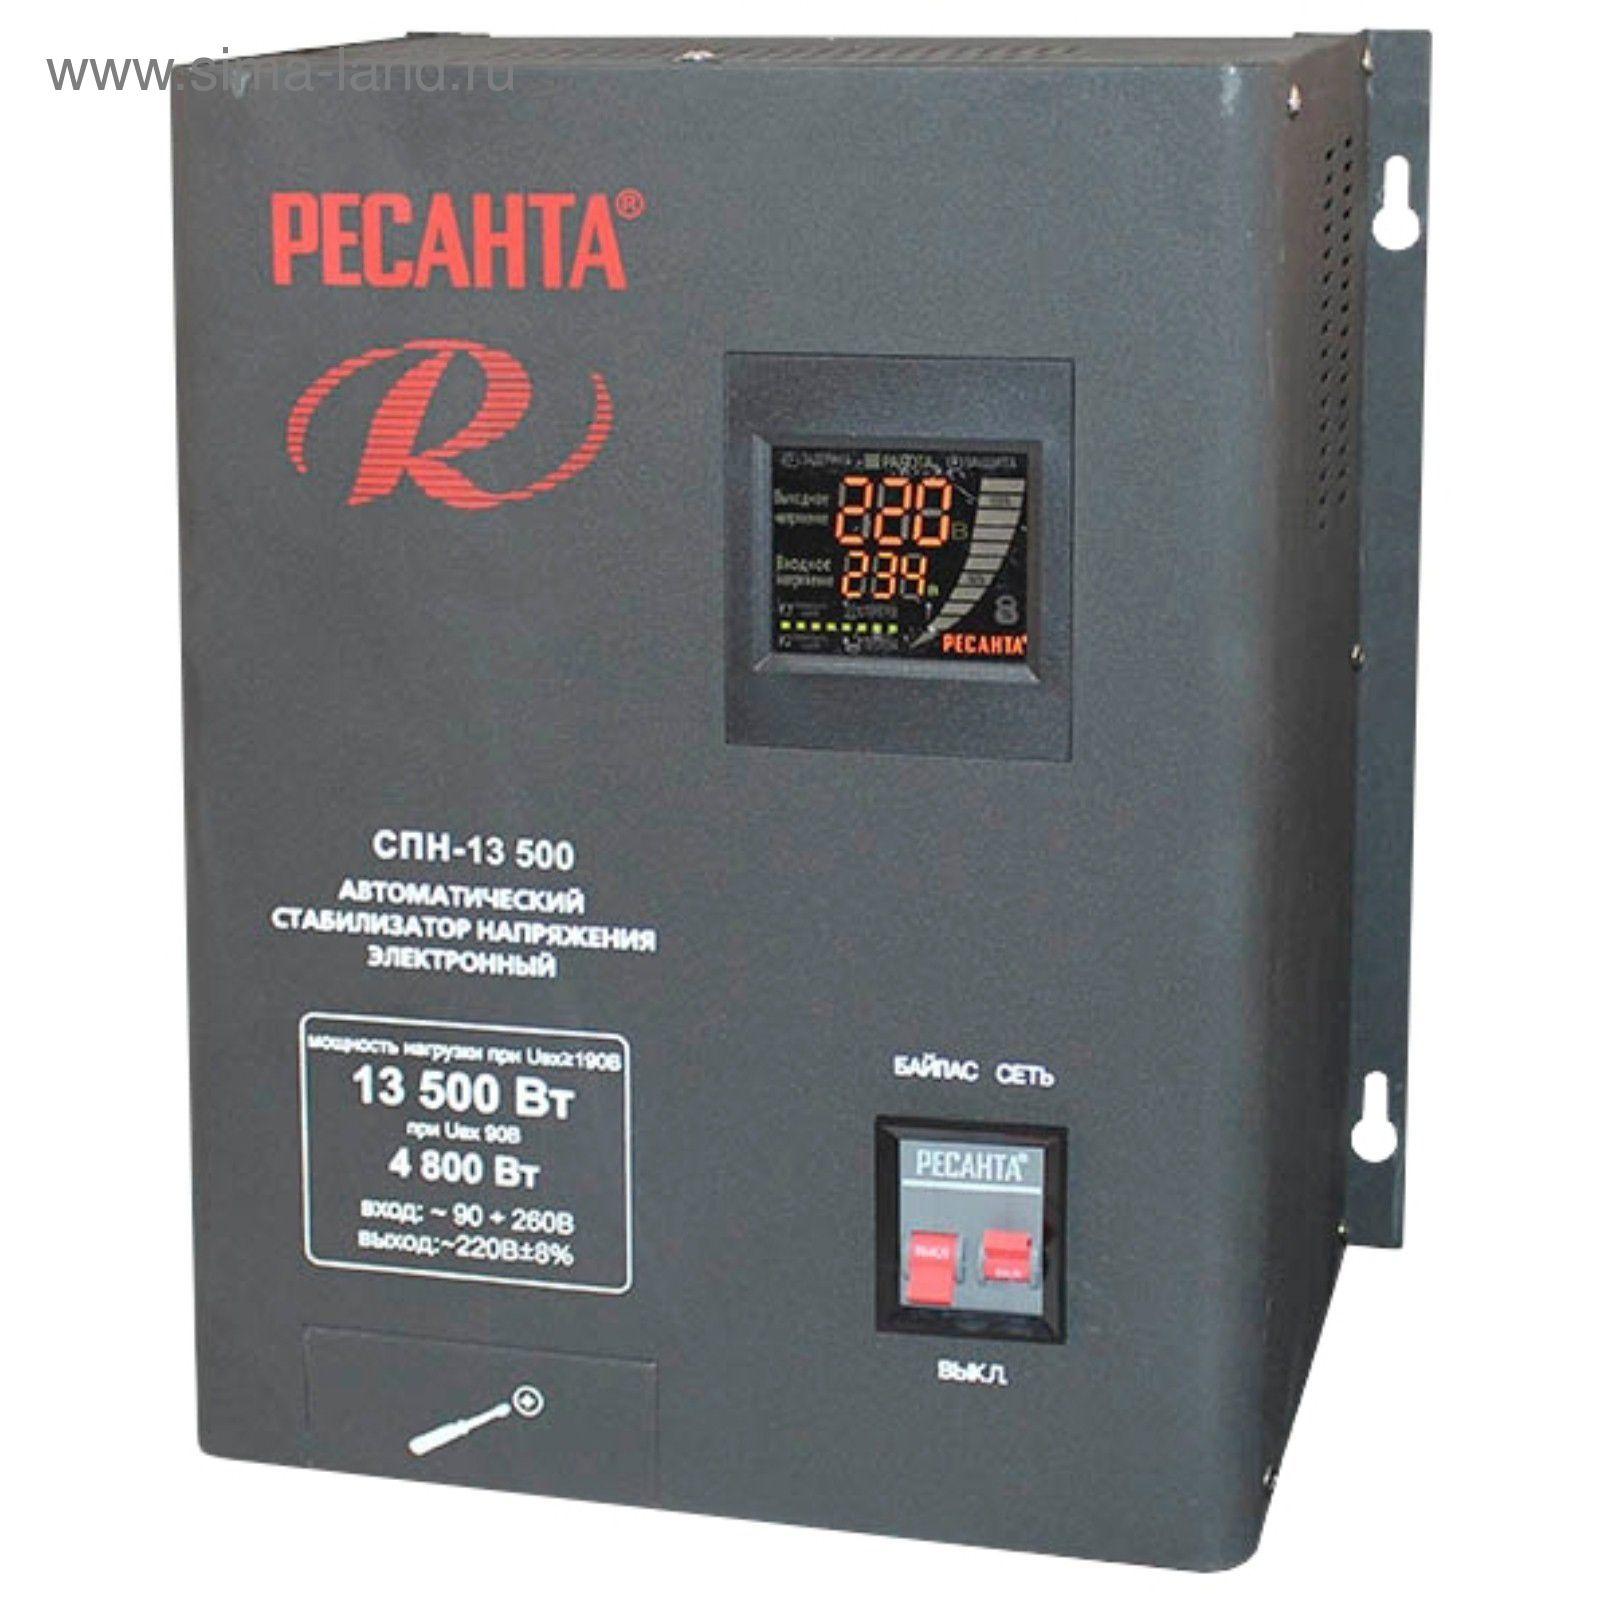 Стабилизаторы напряжения электронные ресанта weco сварочные аппараты купить